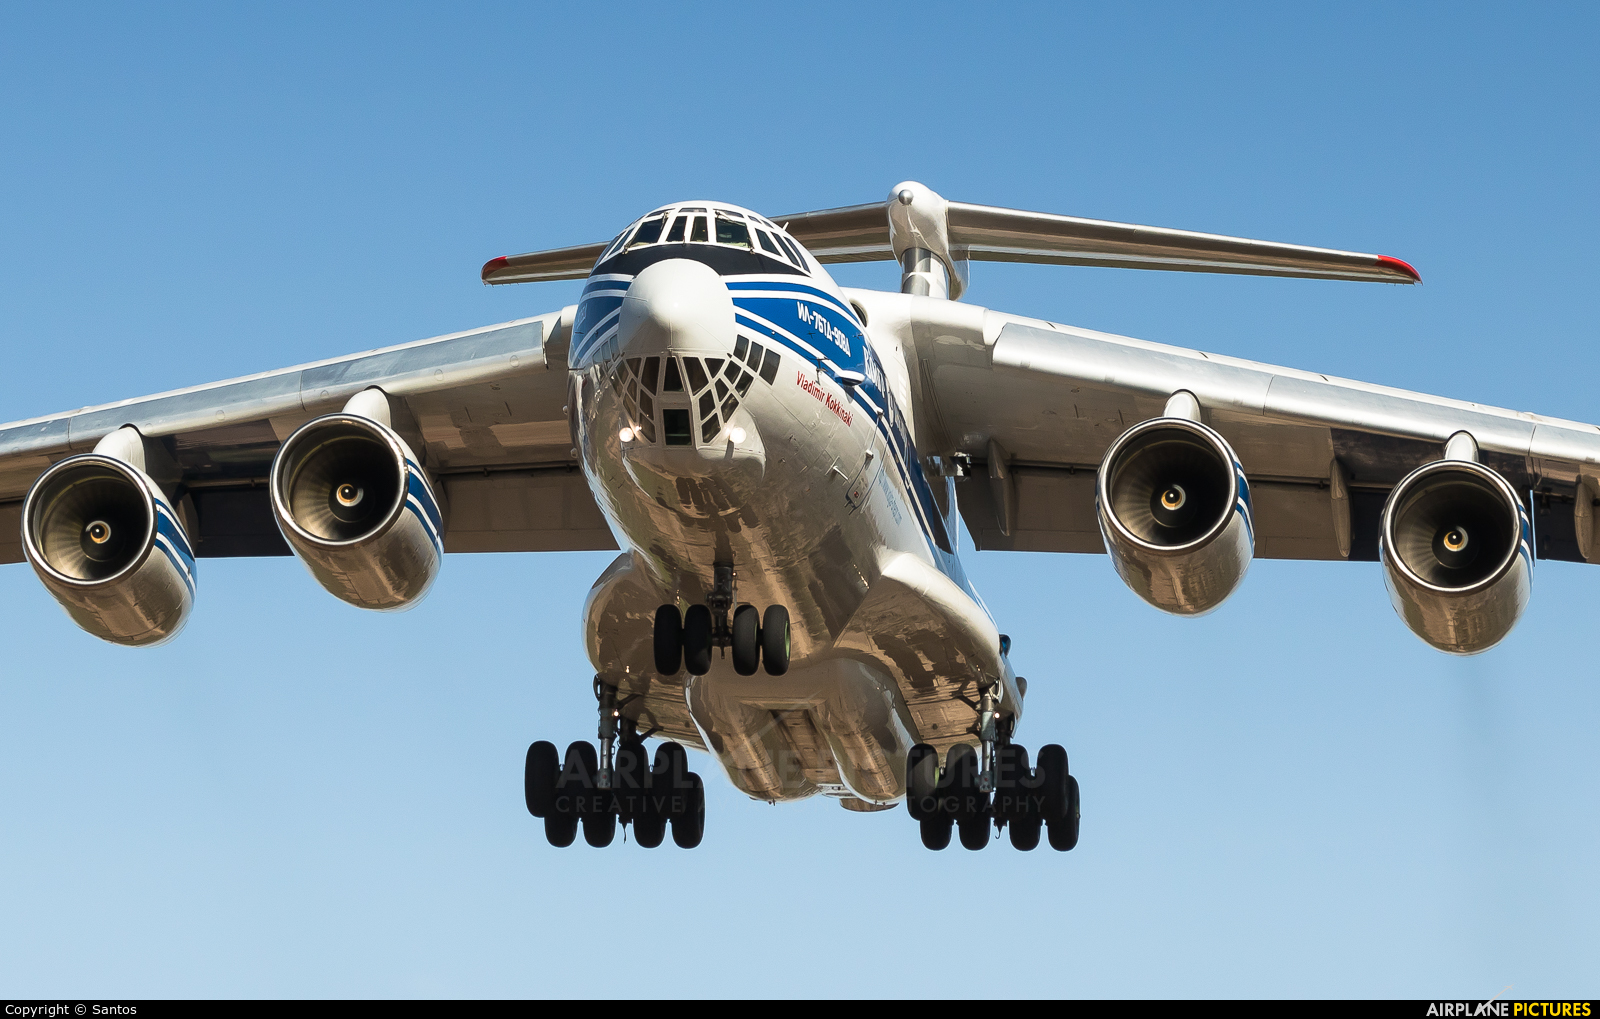 Volga Dnepr Airlines RA-76950 aircraft at Seville - San Pablo